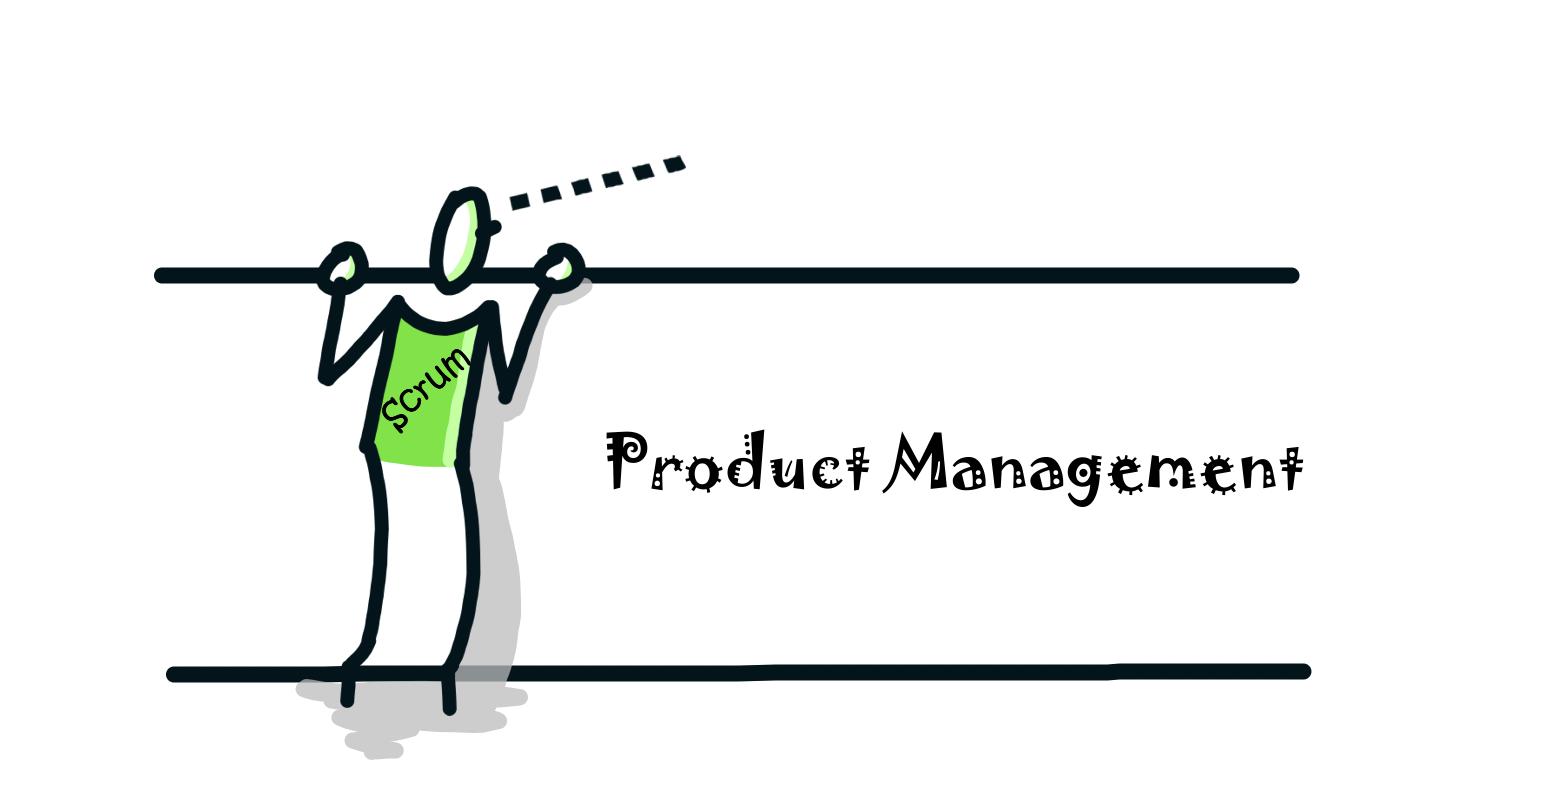 Metodologia Scrum: istruzioni per l'uso… - scrum come parte del product management